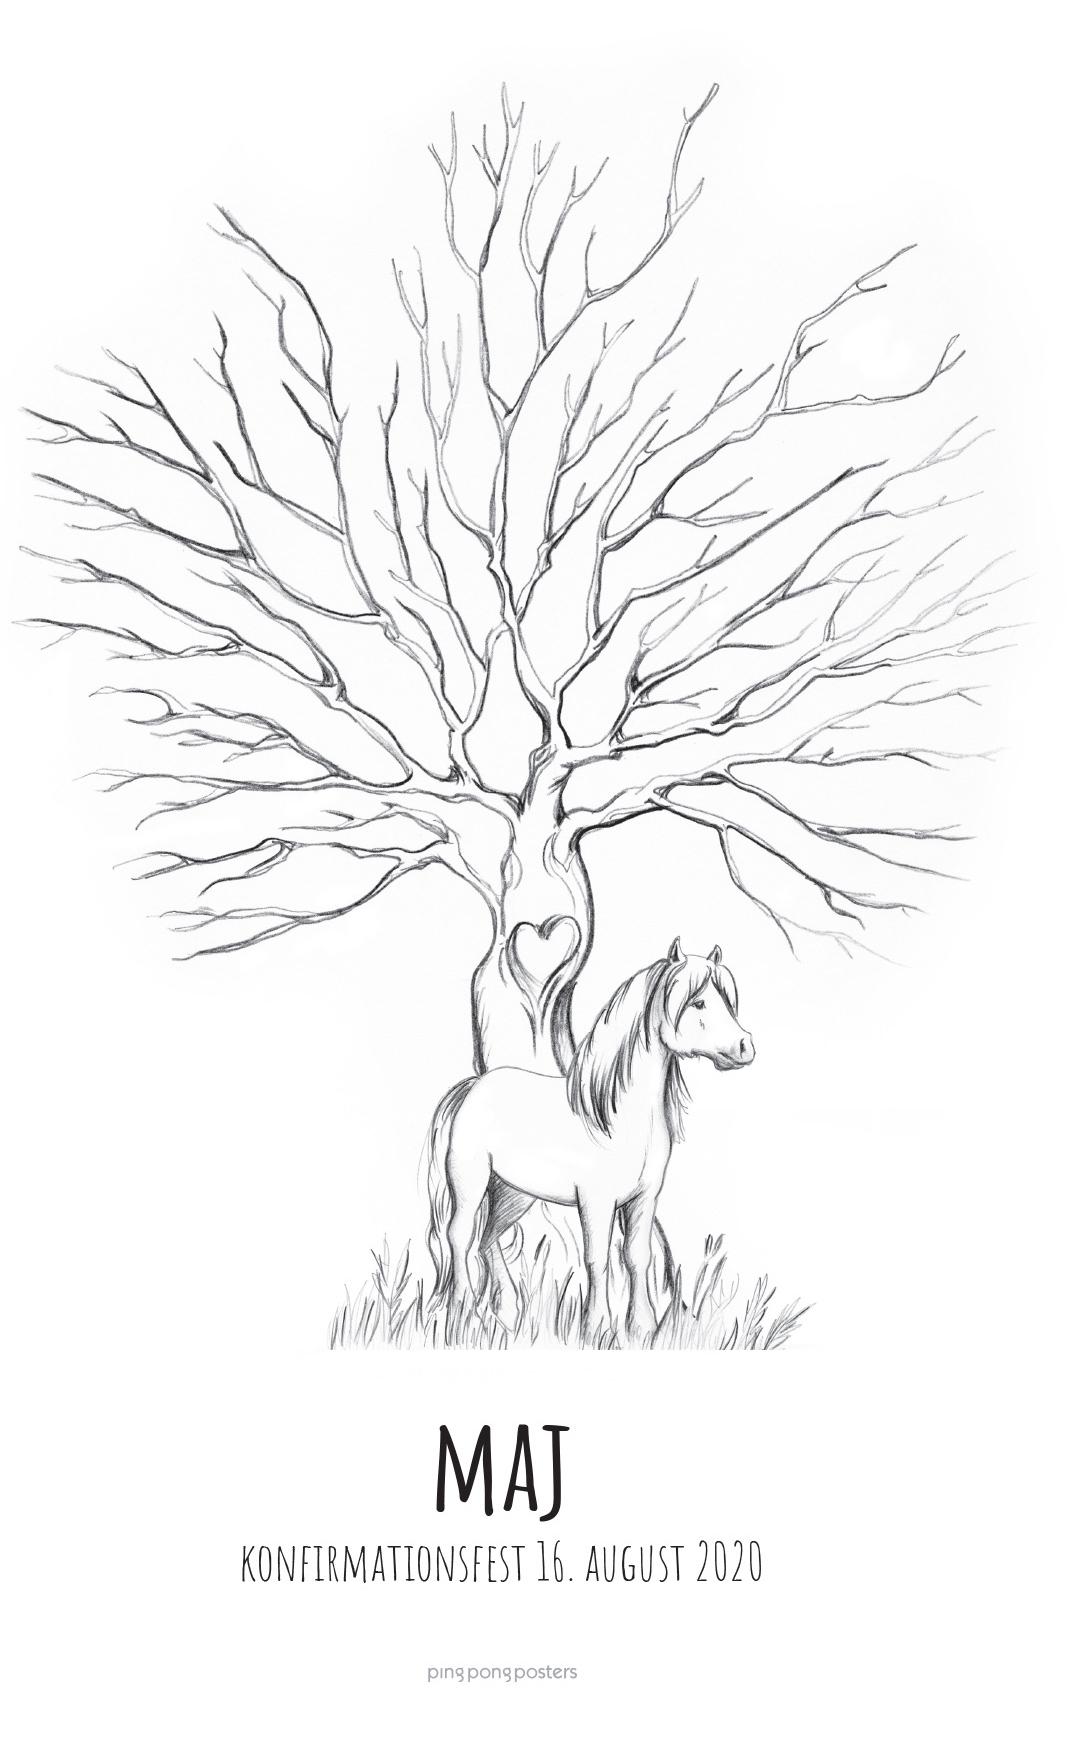 Fingeraftryk træ med islænder pony foran træstammen